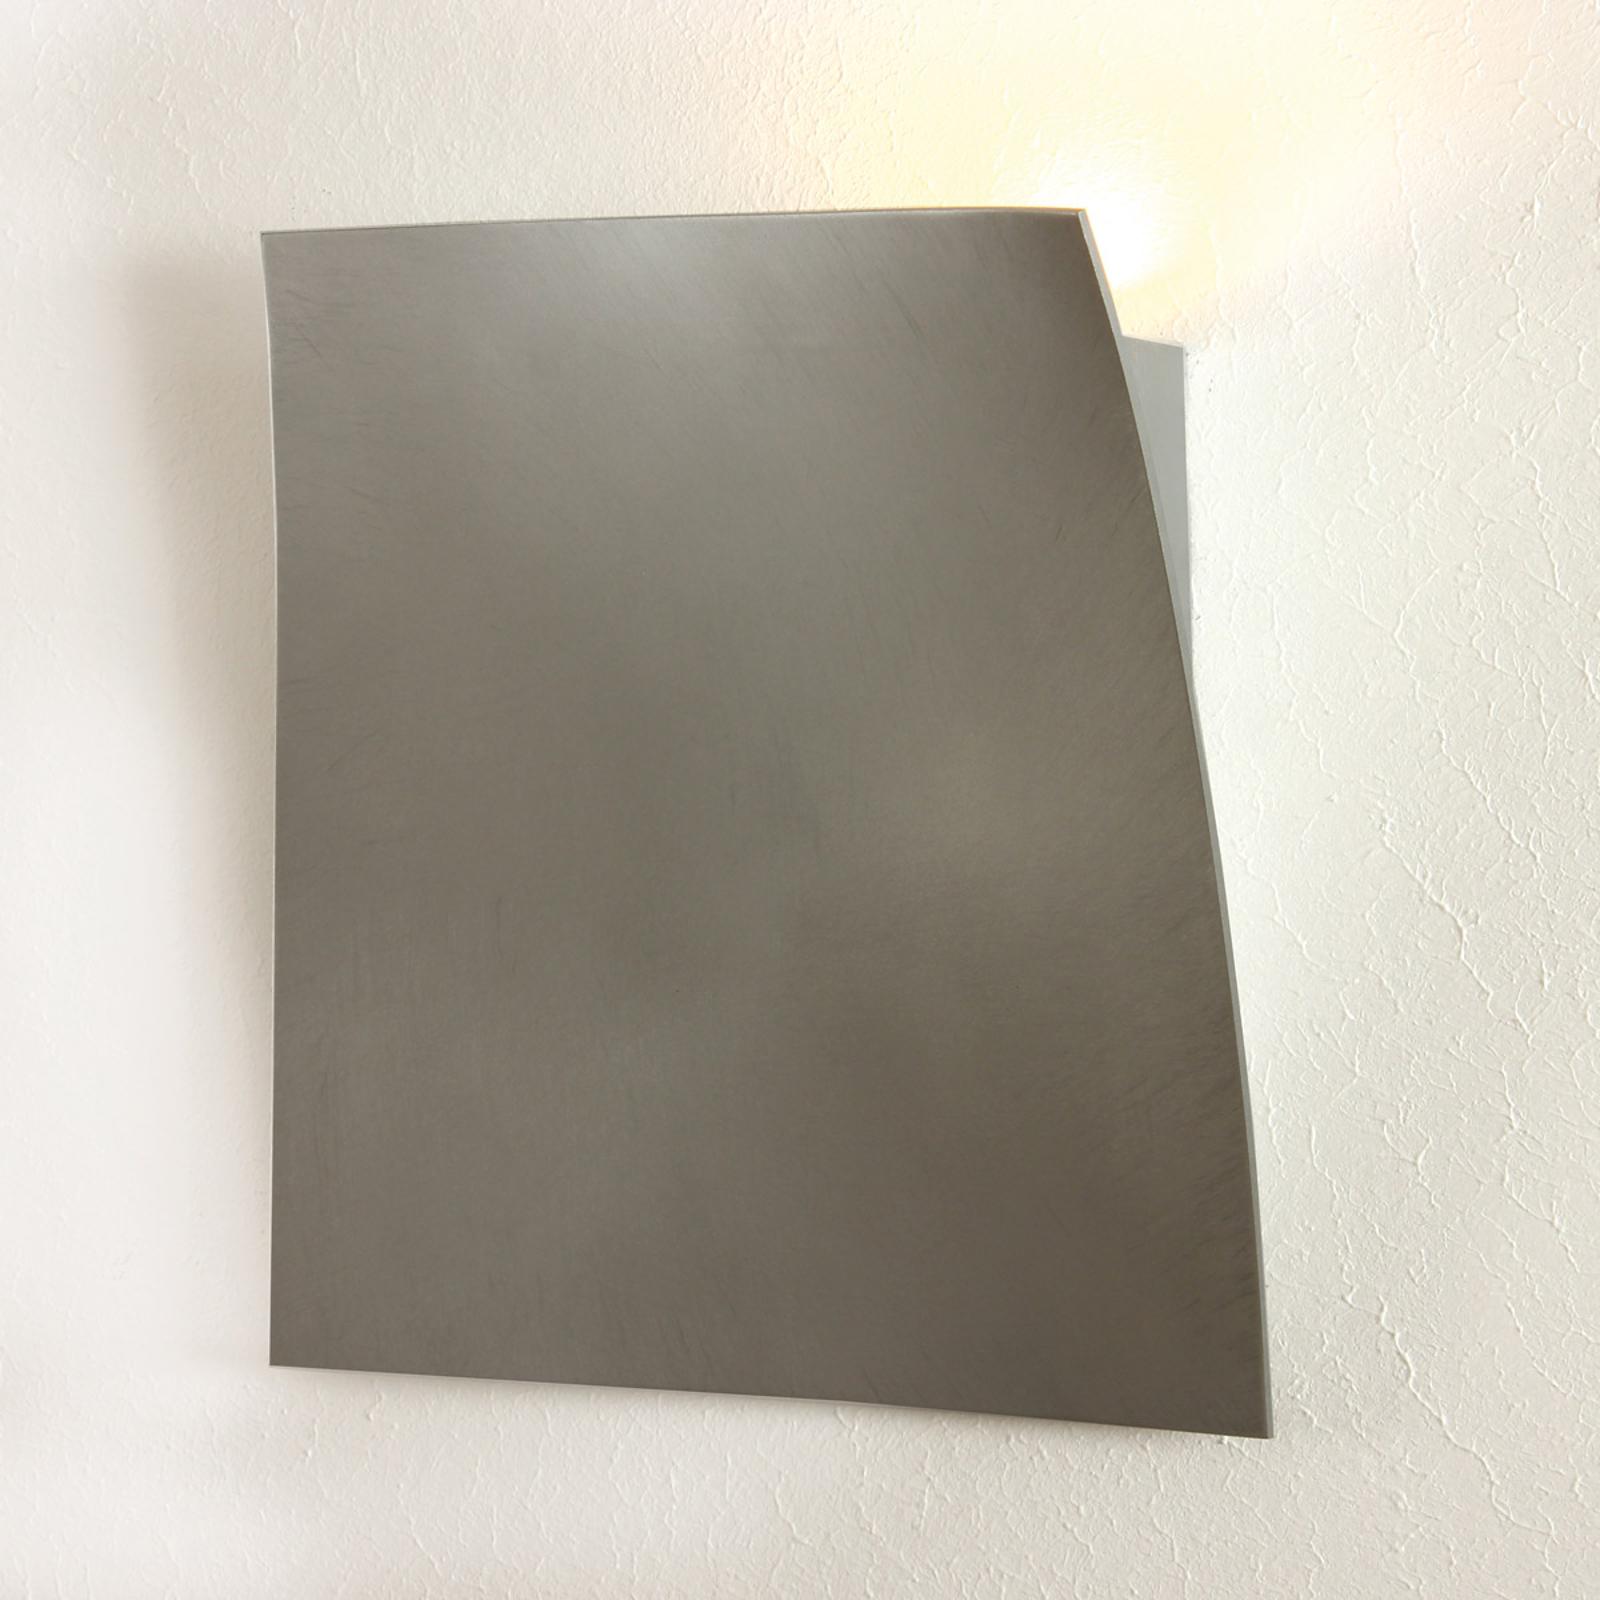 polished aluminium wall lamp LED Gap_3051102_1